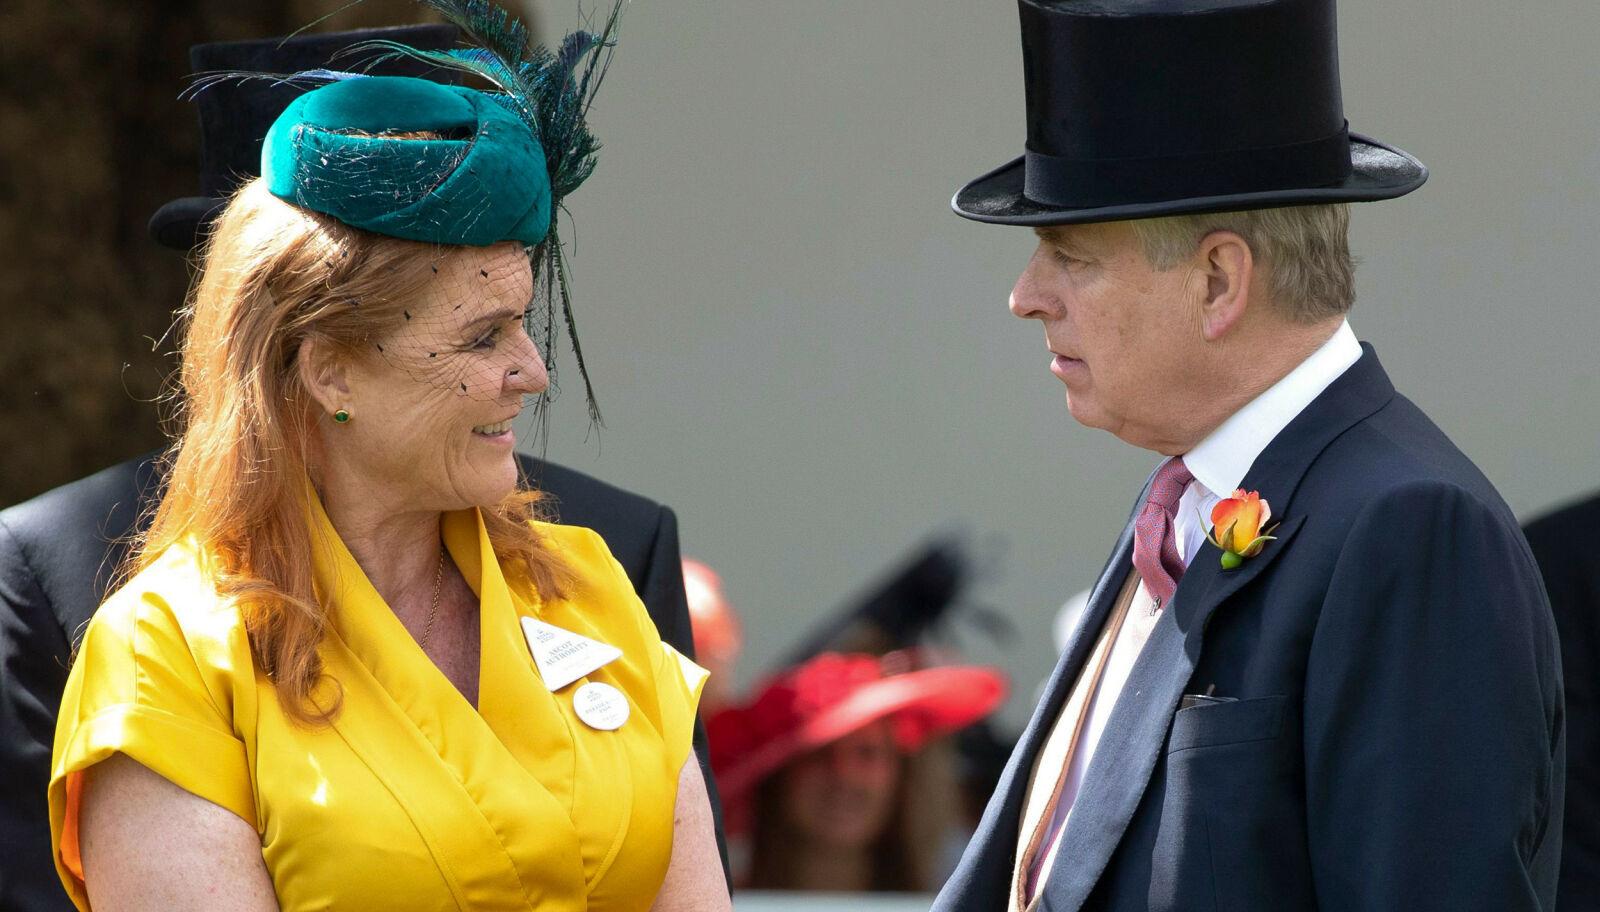 HJERTELIG: Sarah Fergusson og prins Andrew har et nært forhold og har flyttet under samme tak igjen etter skilsmissen. Foto: NTB.